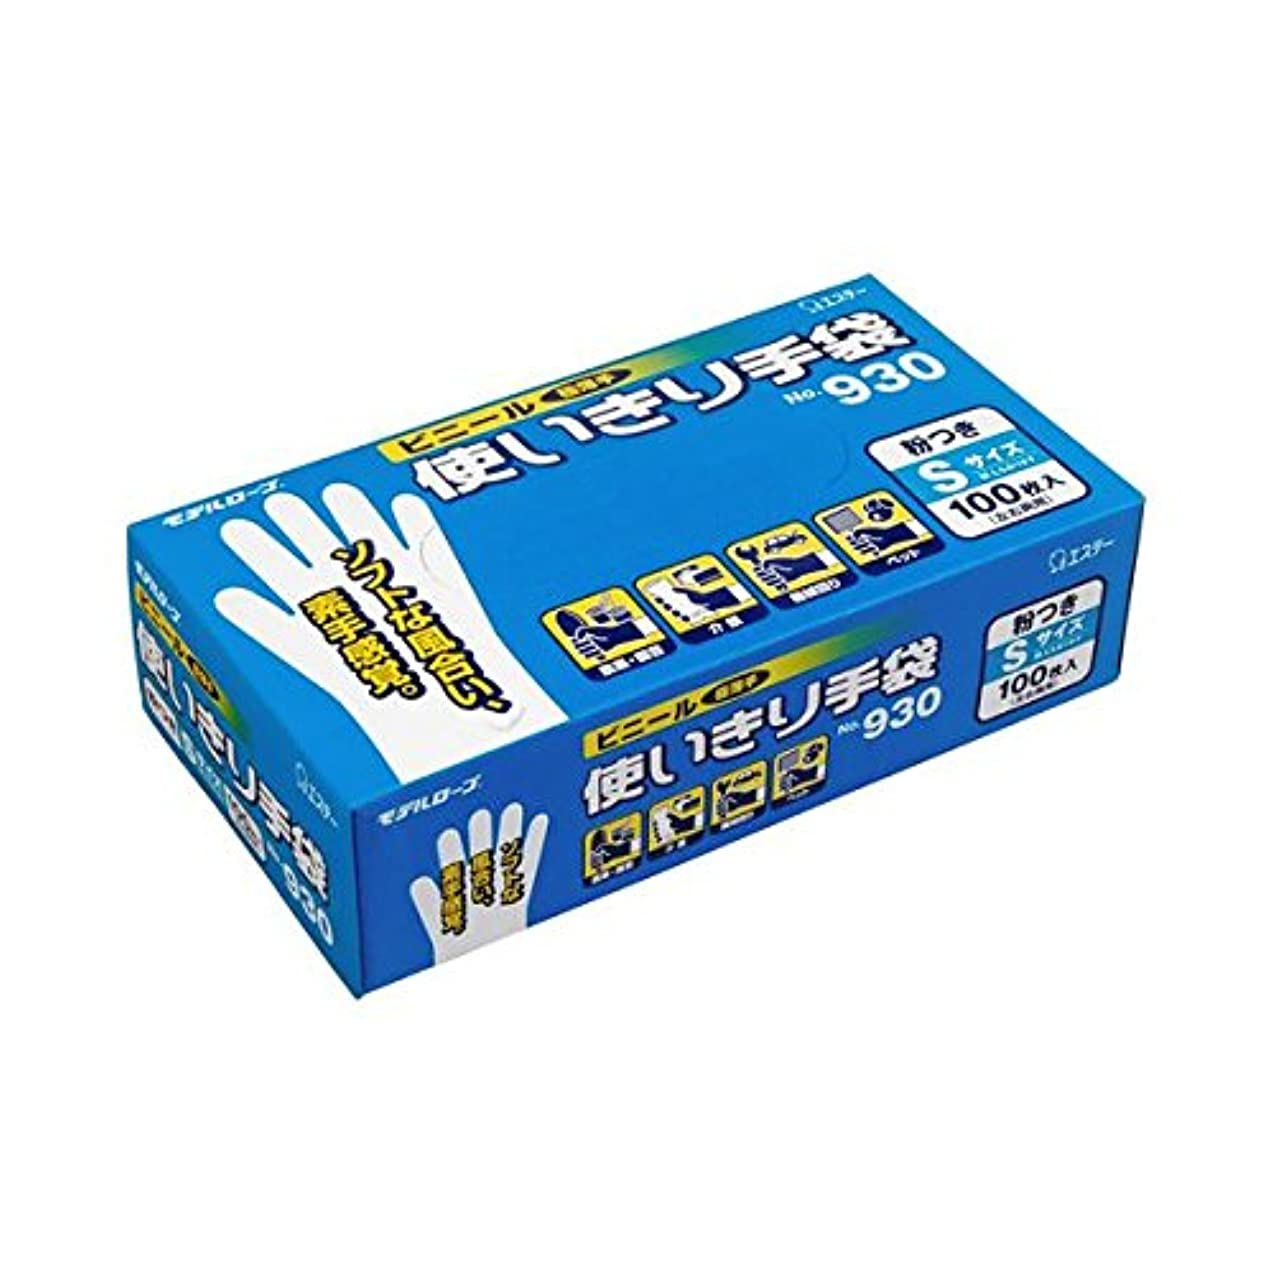 湿った非行スコットランド人エステー No.930 ビニール使いきり手袋(粉付) S 1箱(100枚) (×5セット)